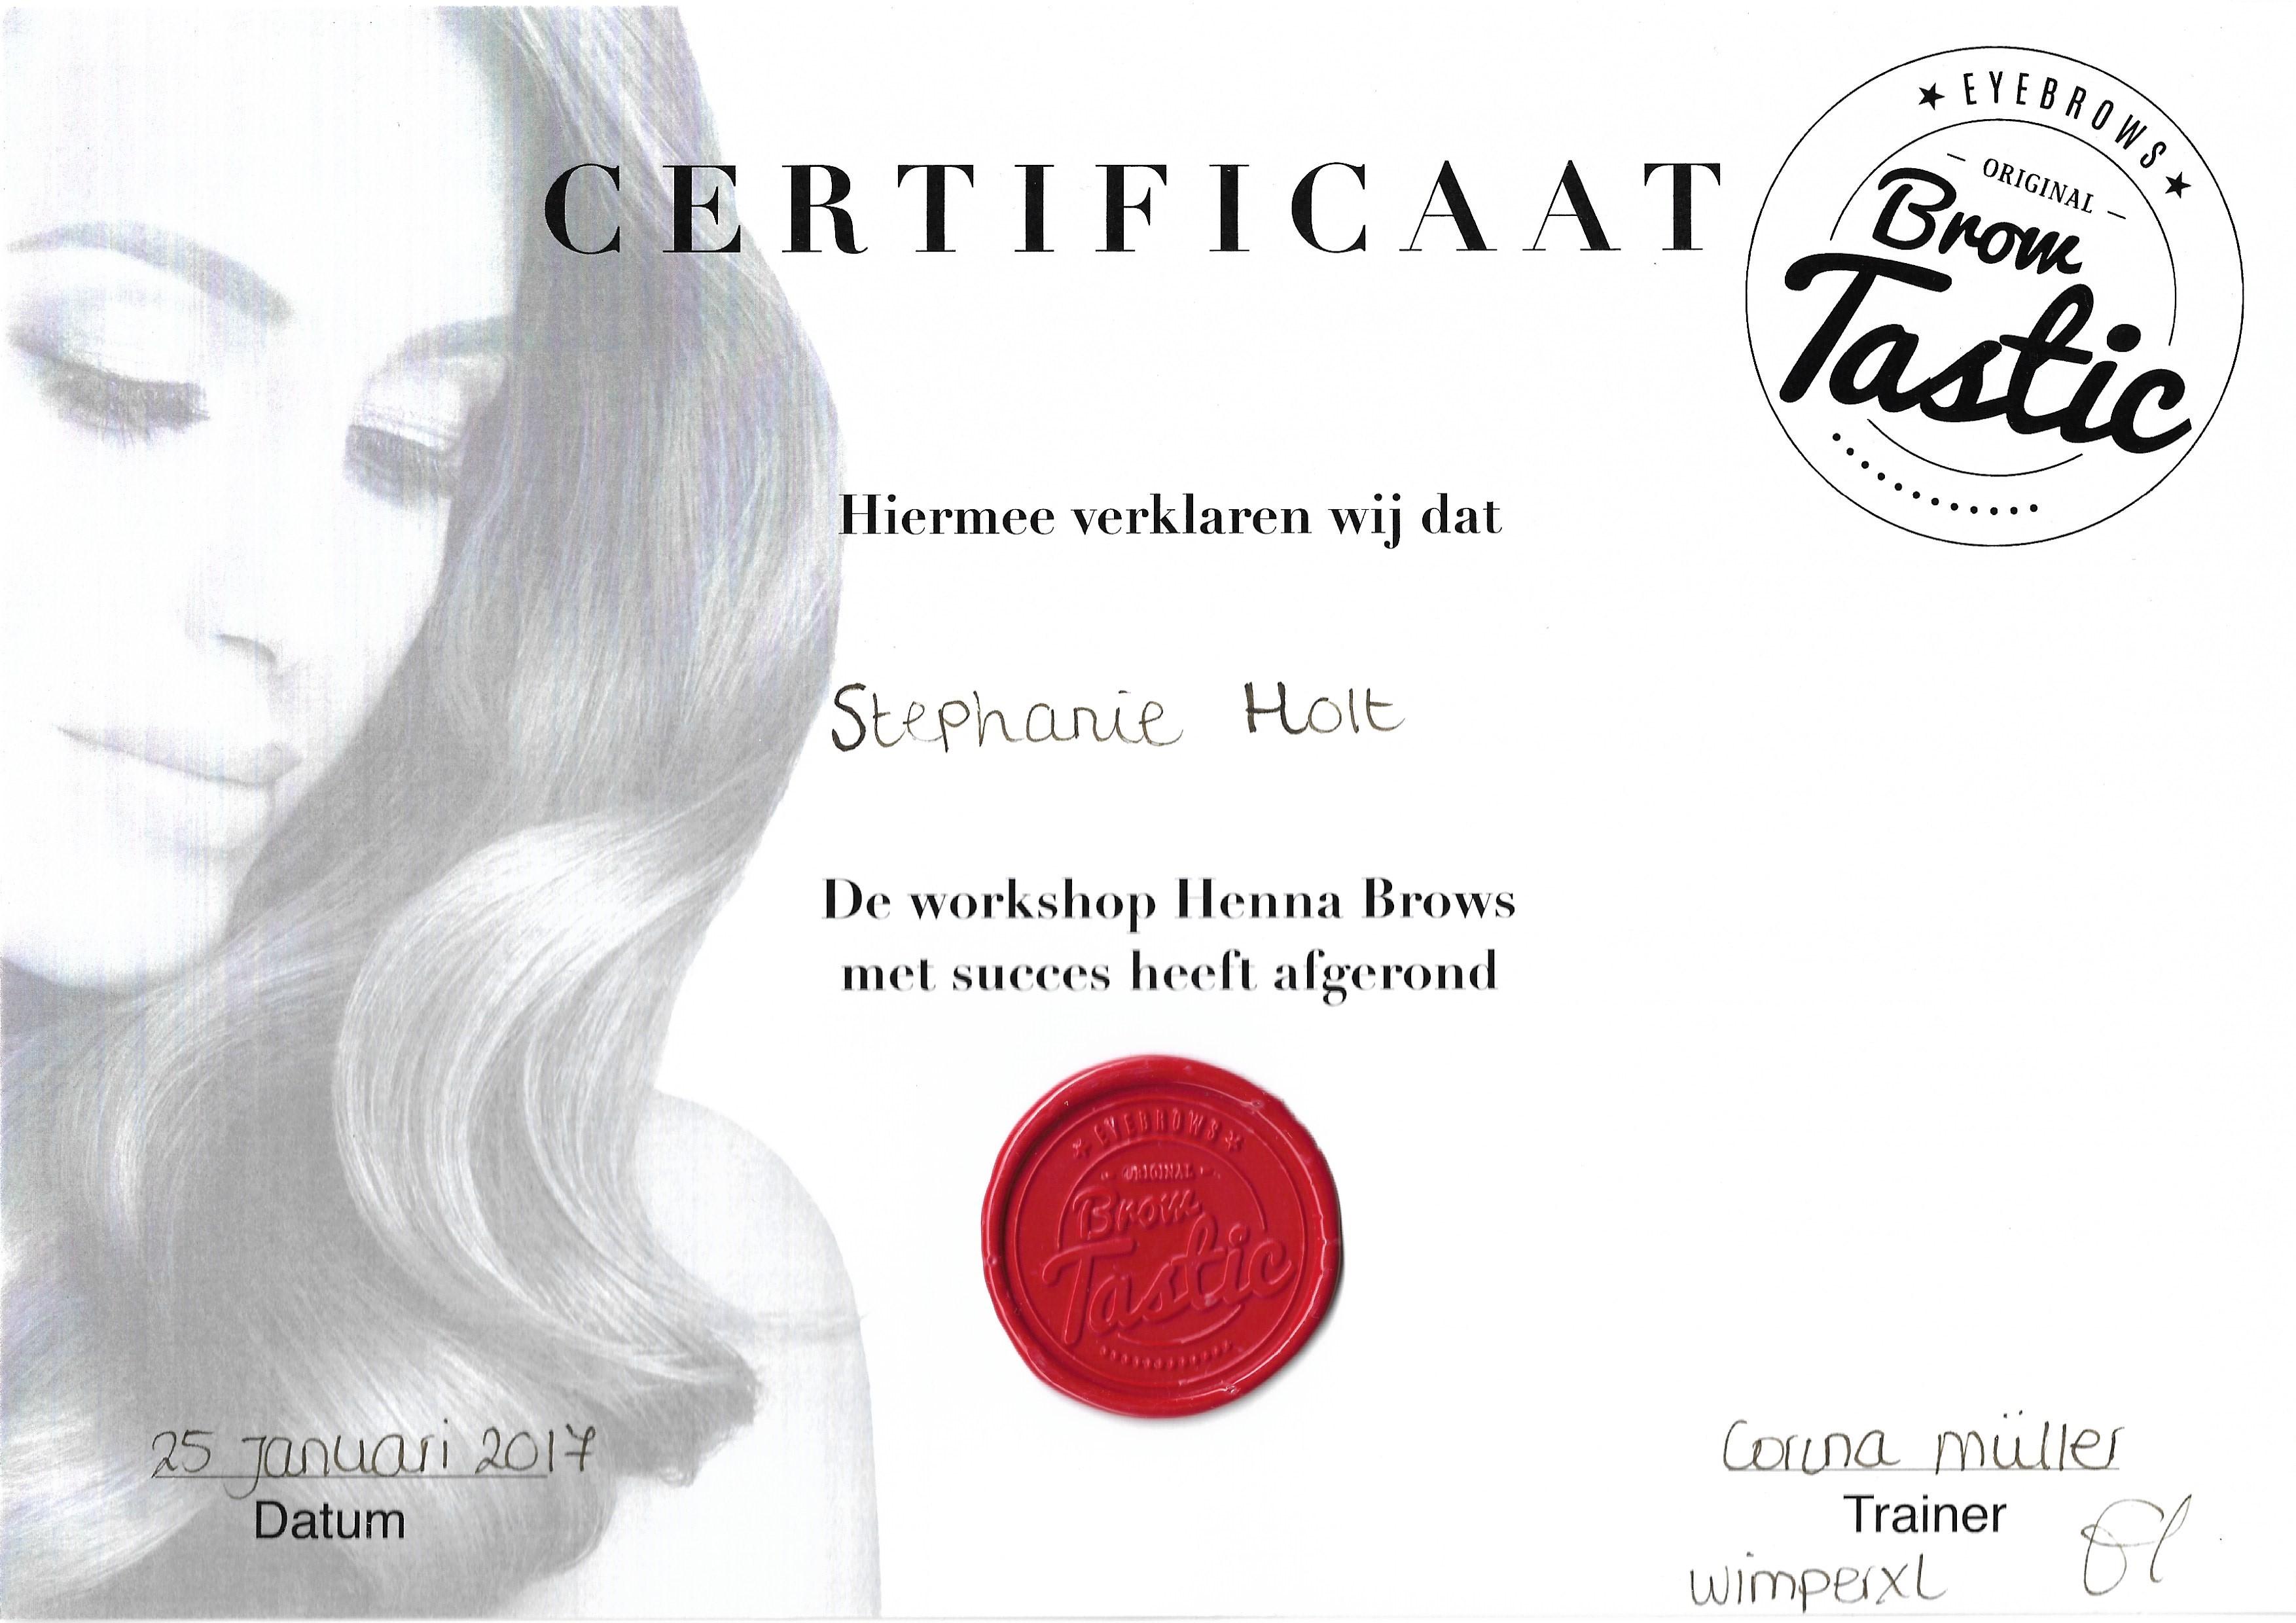 Certificaat Browtastic Henna Brows